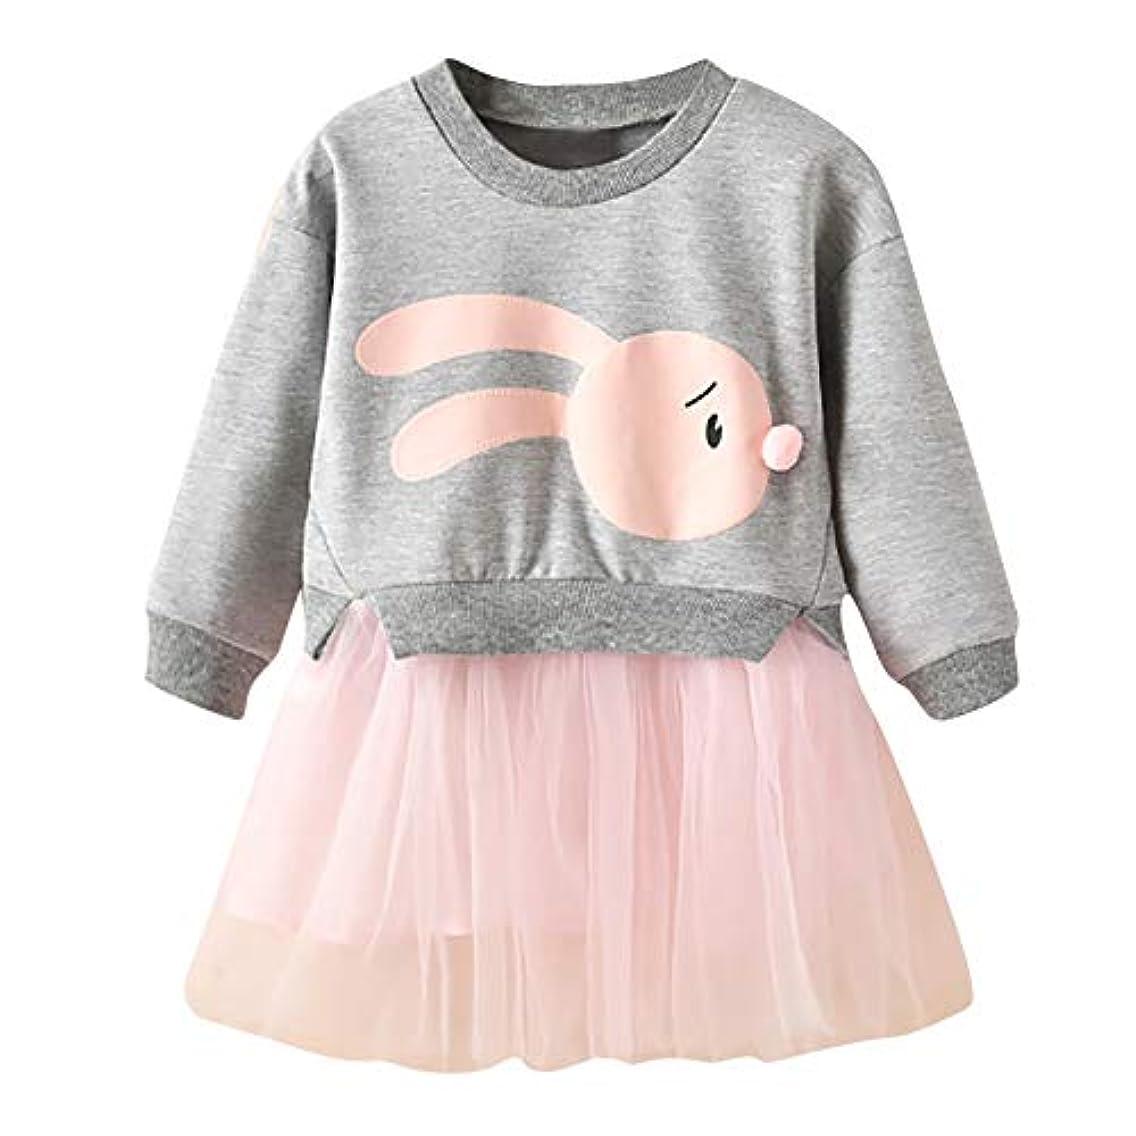 熟すメールを書く起訴するOnderroa - 冬の子供服の女の赤ちゃんの漫画のバニープリンセスパッチワークトレーナーチュールドレス服roupaのinfantil